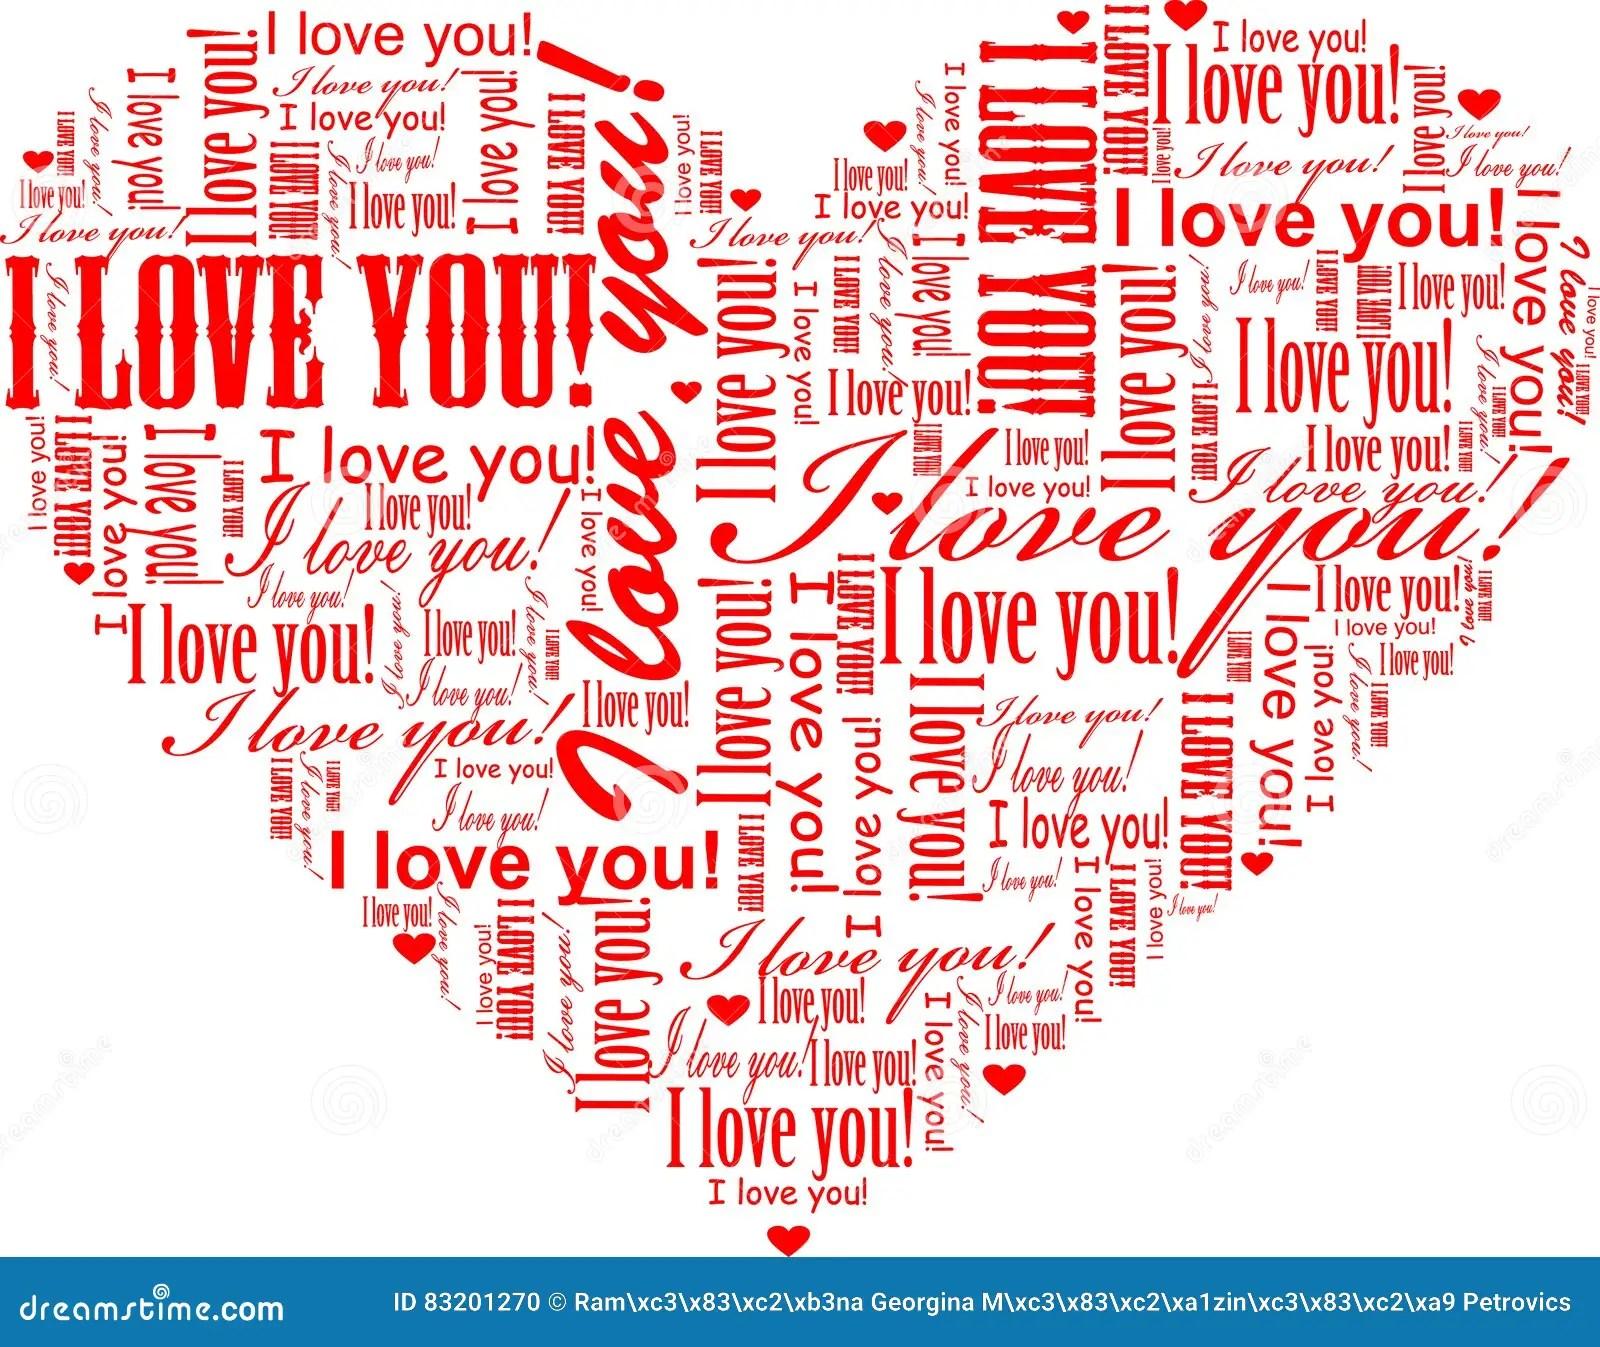 heart shaped i love